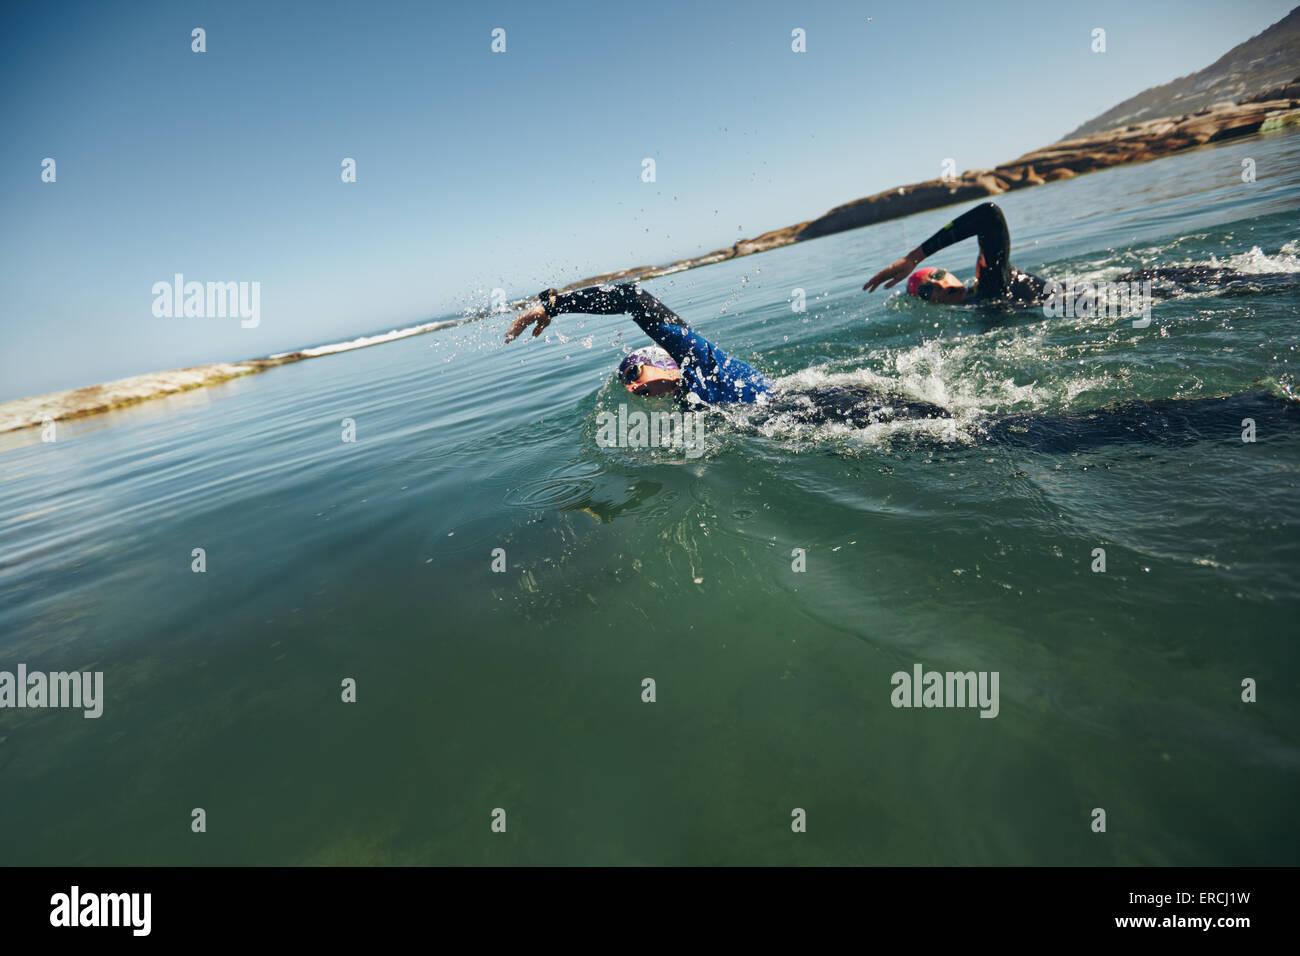 Les athlètes natation sur triathletic la concurrence. Concurrents nage libre dans l'eau. Photo Stock